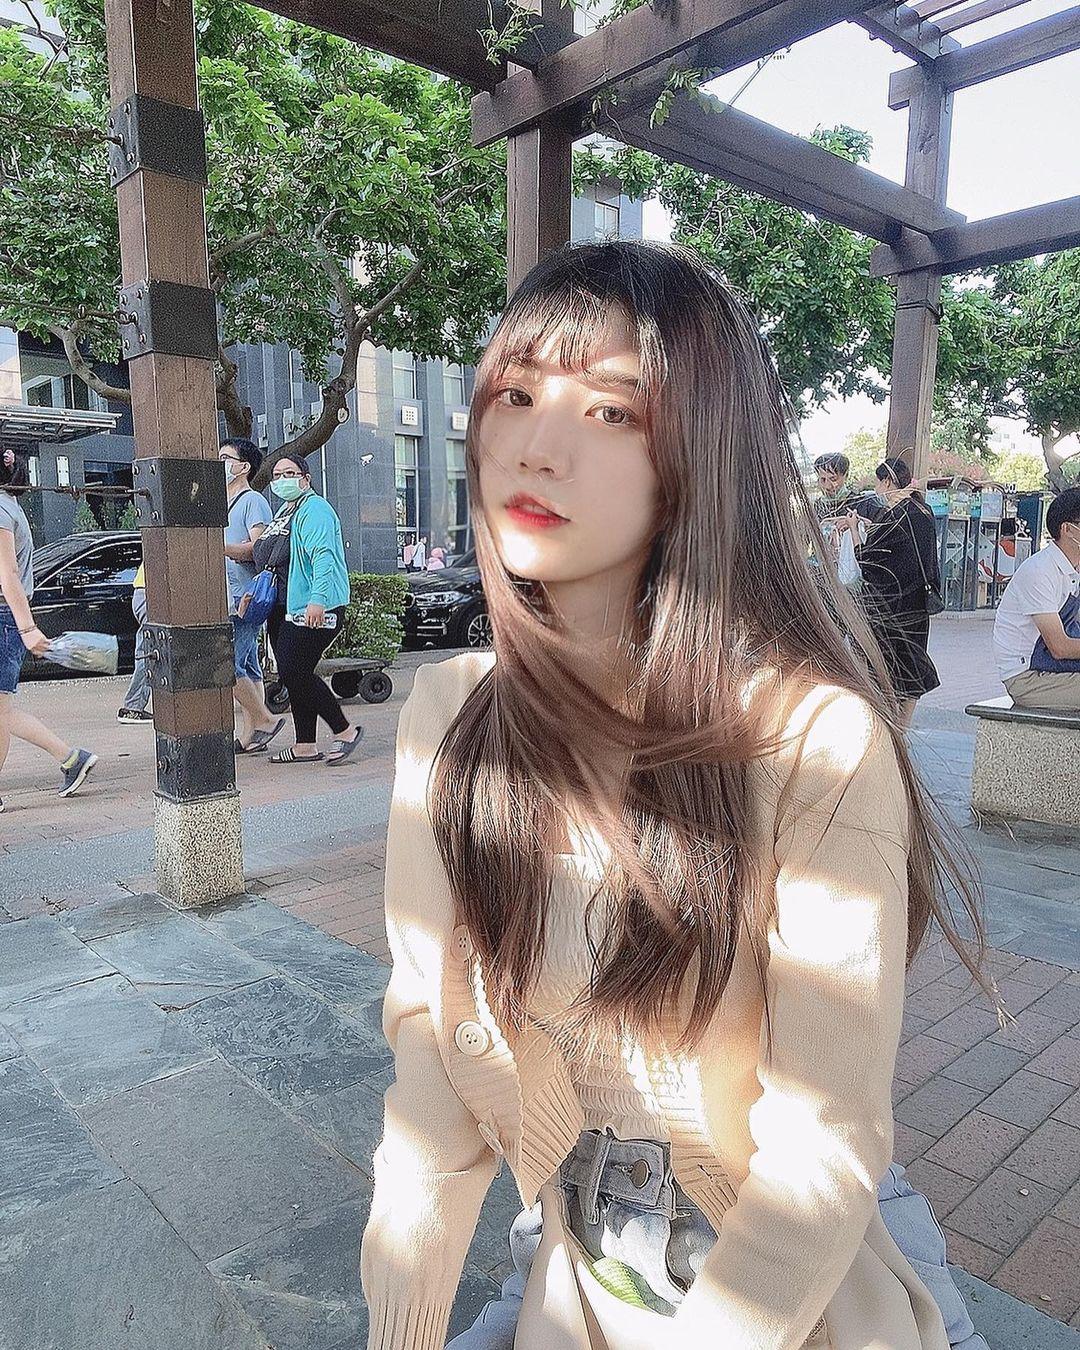 韓系妹子惟蒨 夢幻長相美到有點不真實 空靈氣質渾然天成 - 美女圖 -